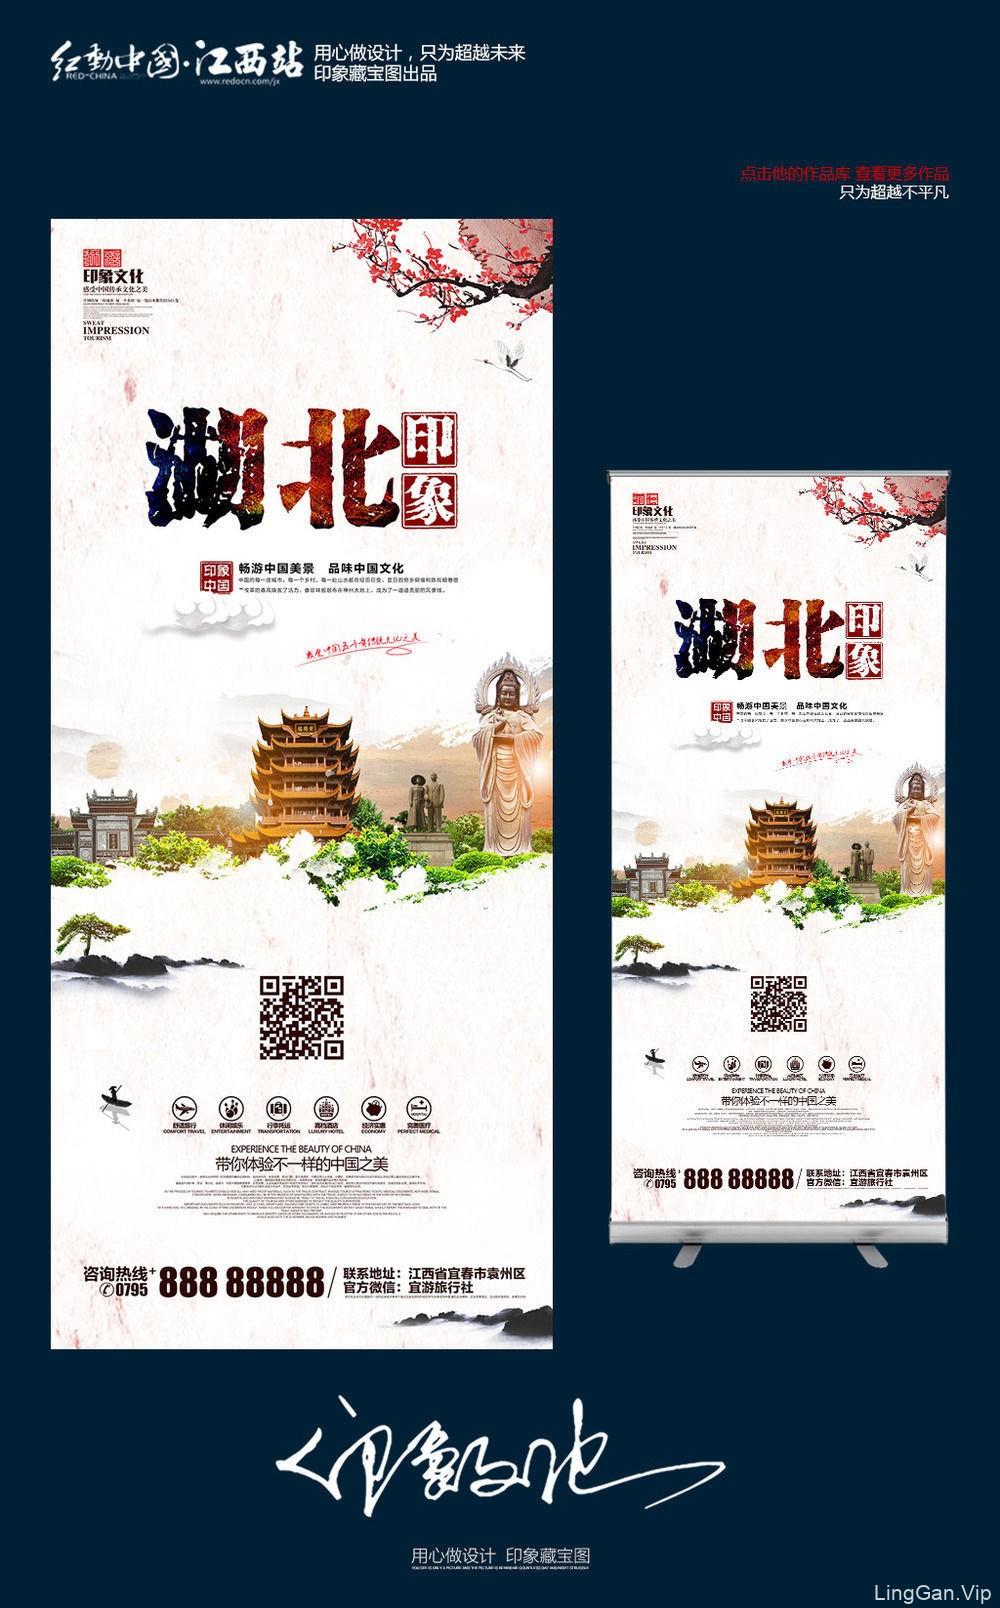 中国风古文化旅游湖北印象文化宣传展架设计分享